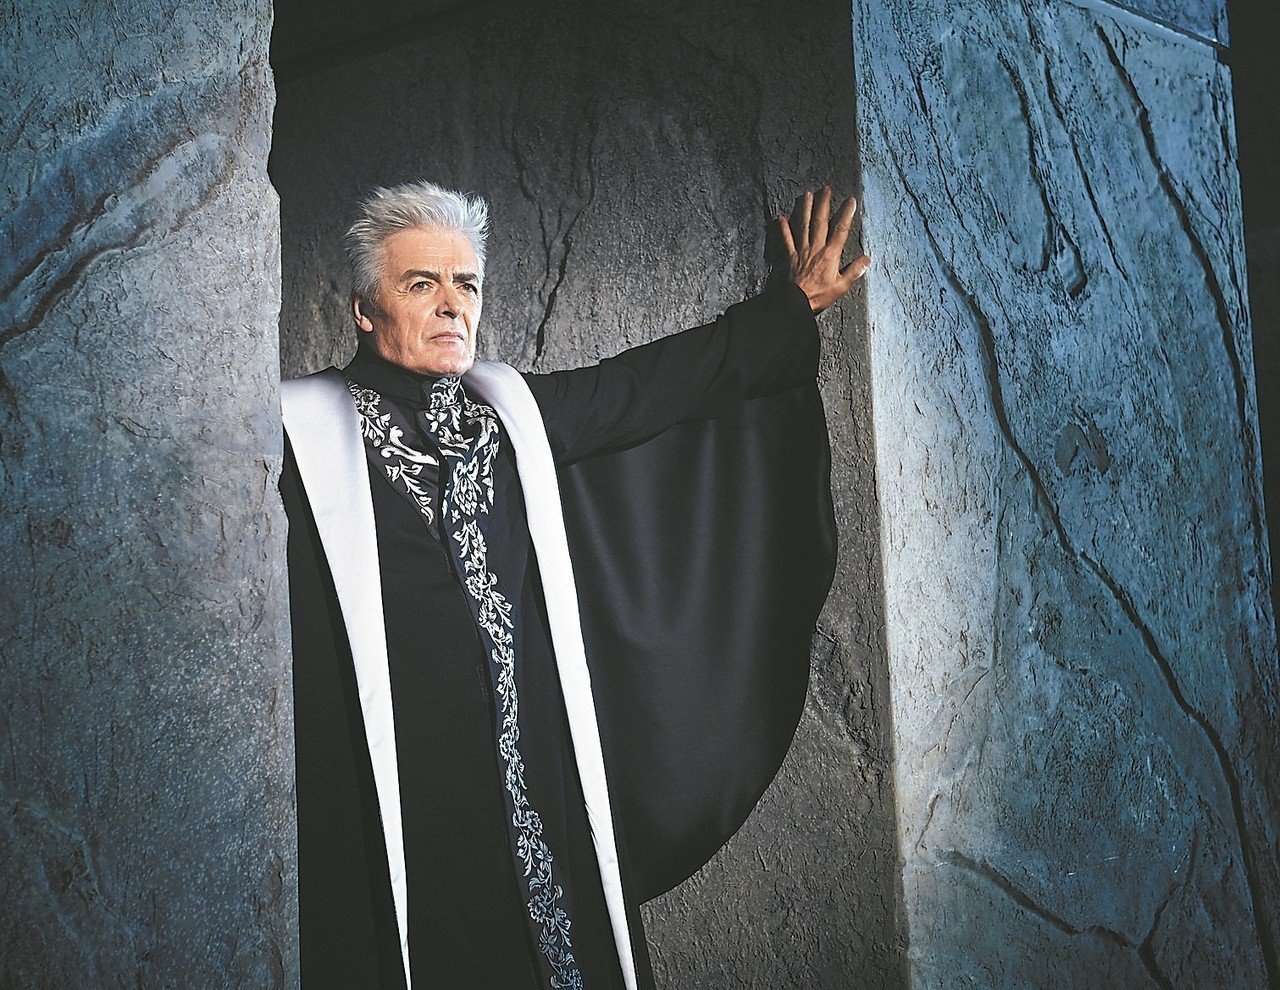 「鐘樓怪人」1998年初代副主教演員丹尼爾Daniel Lavoie將來台。 圖...